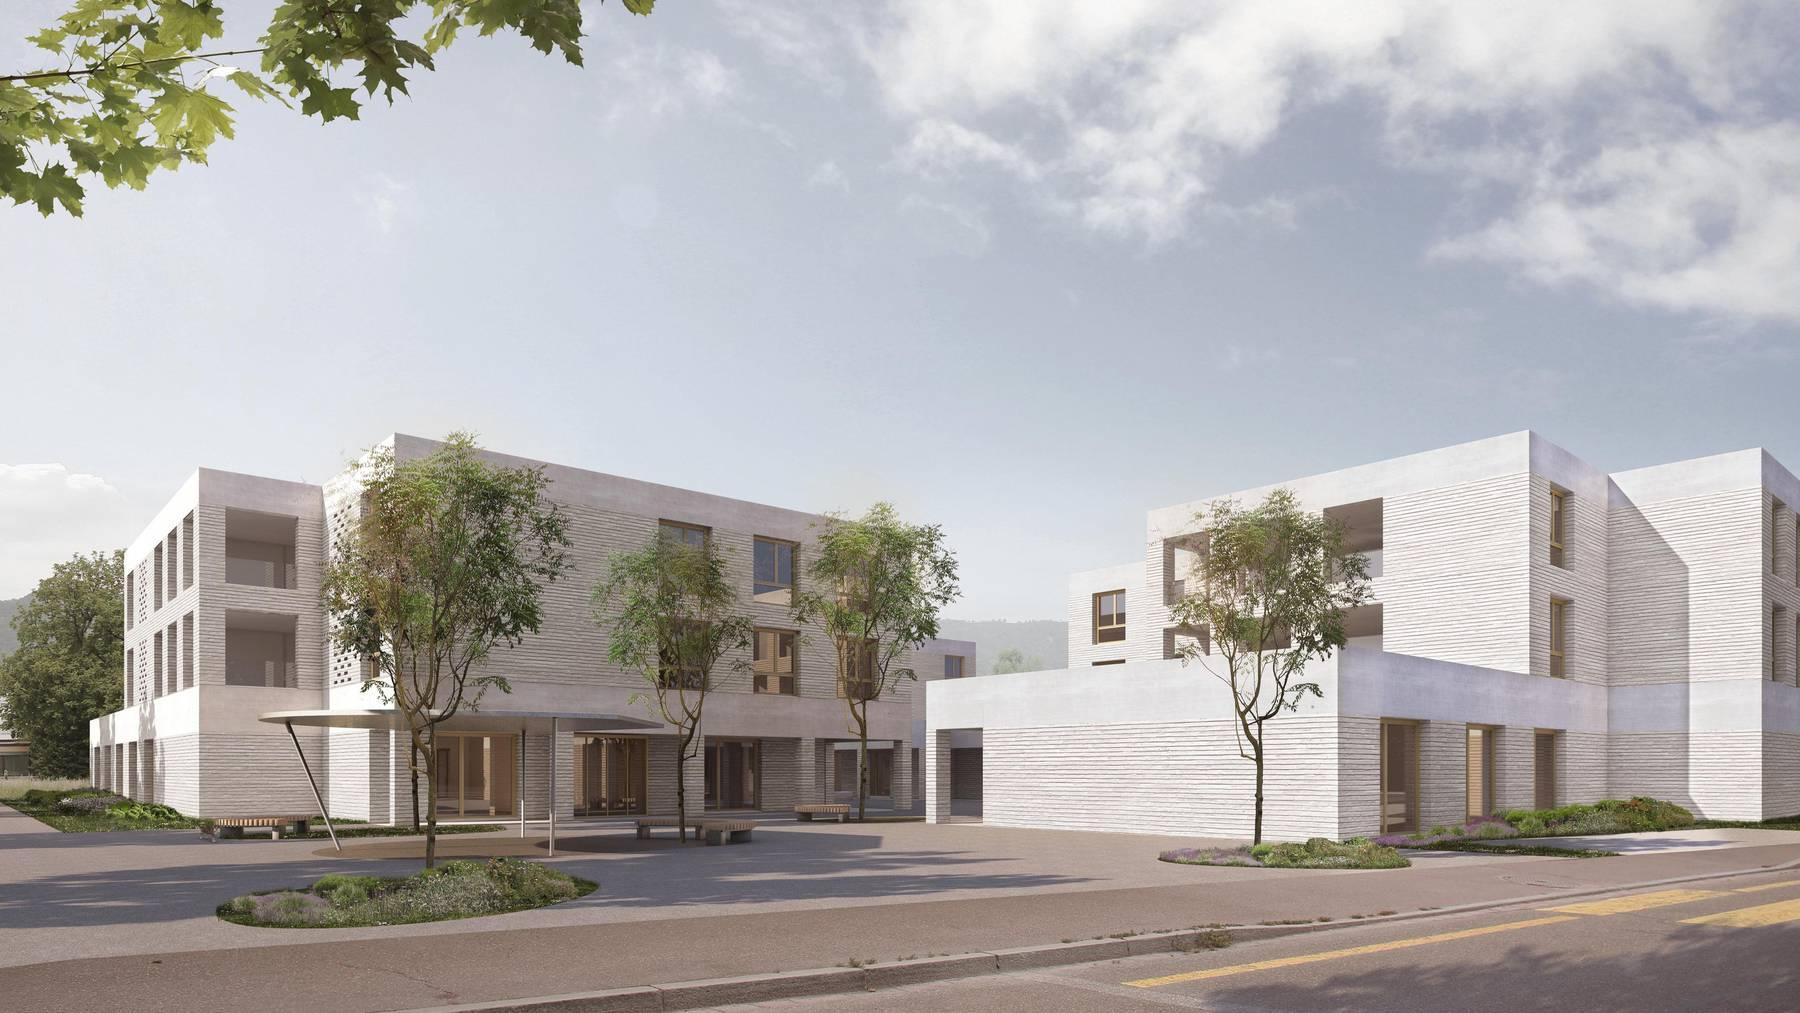 , Neubau Mehrzweckgebäude Wynere, Wettingen, Liechti Graf Zumsteg Architekten, 1. Rang Tiqui - Taca